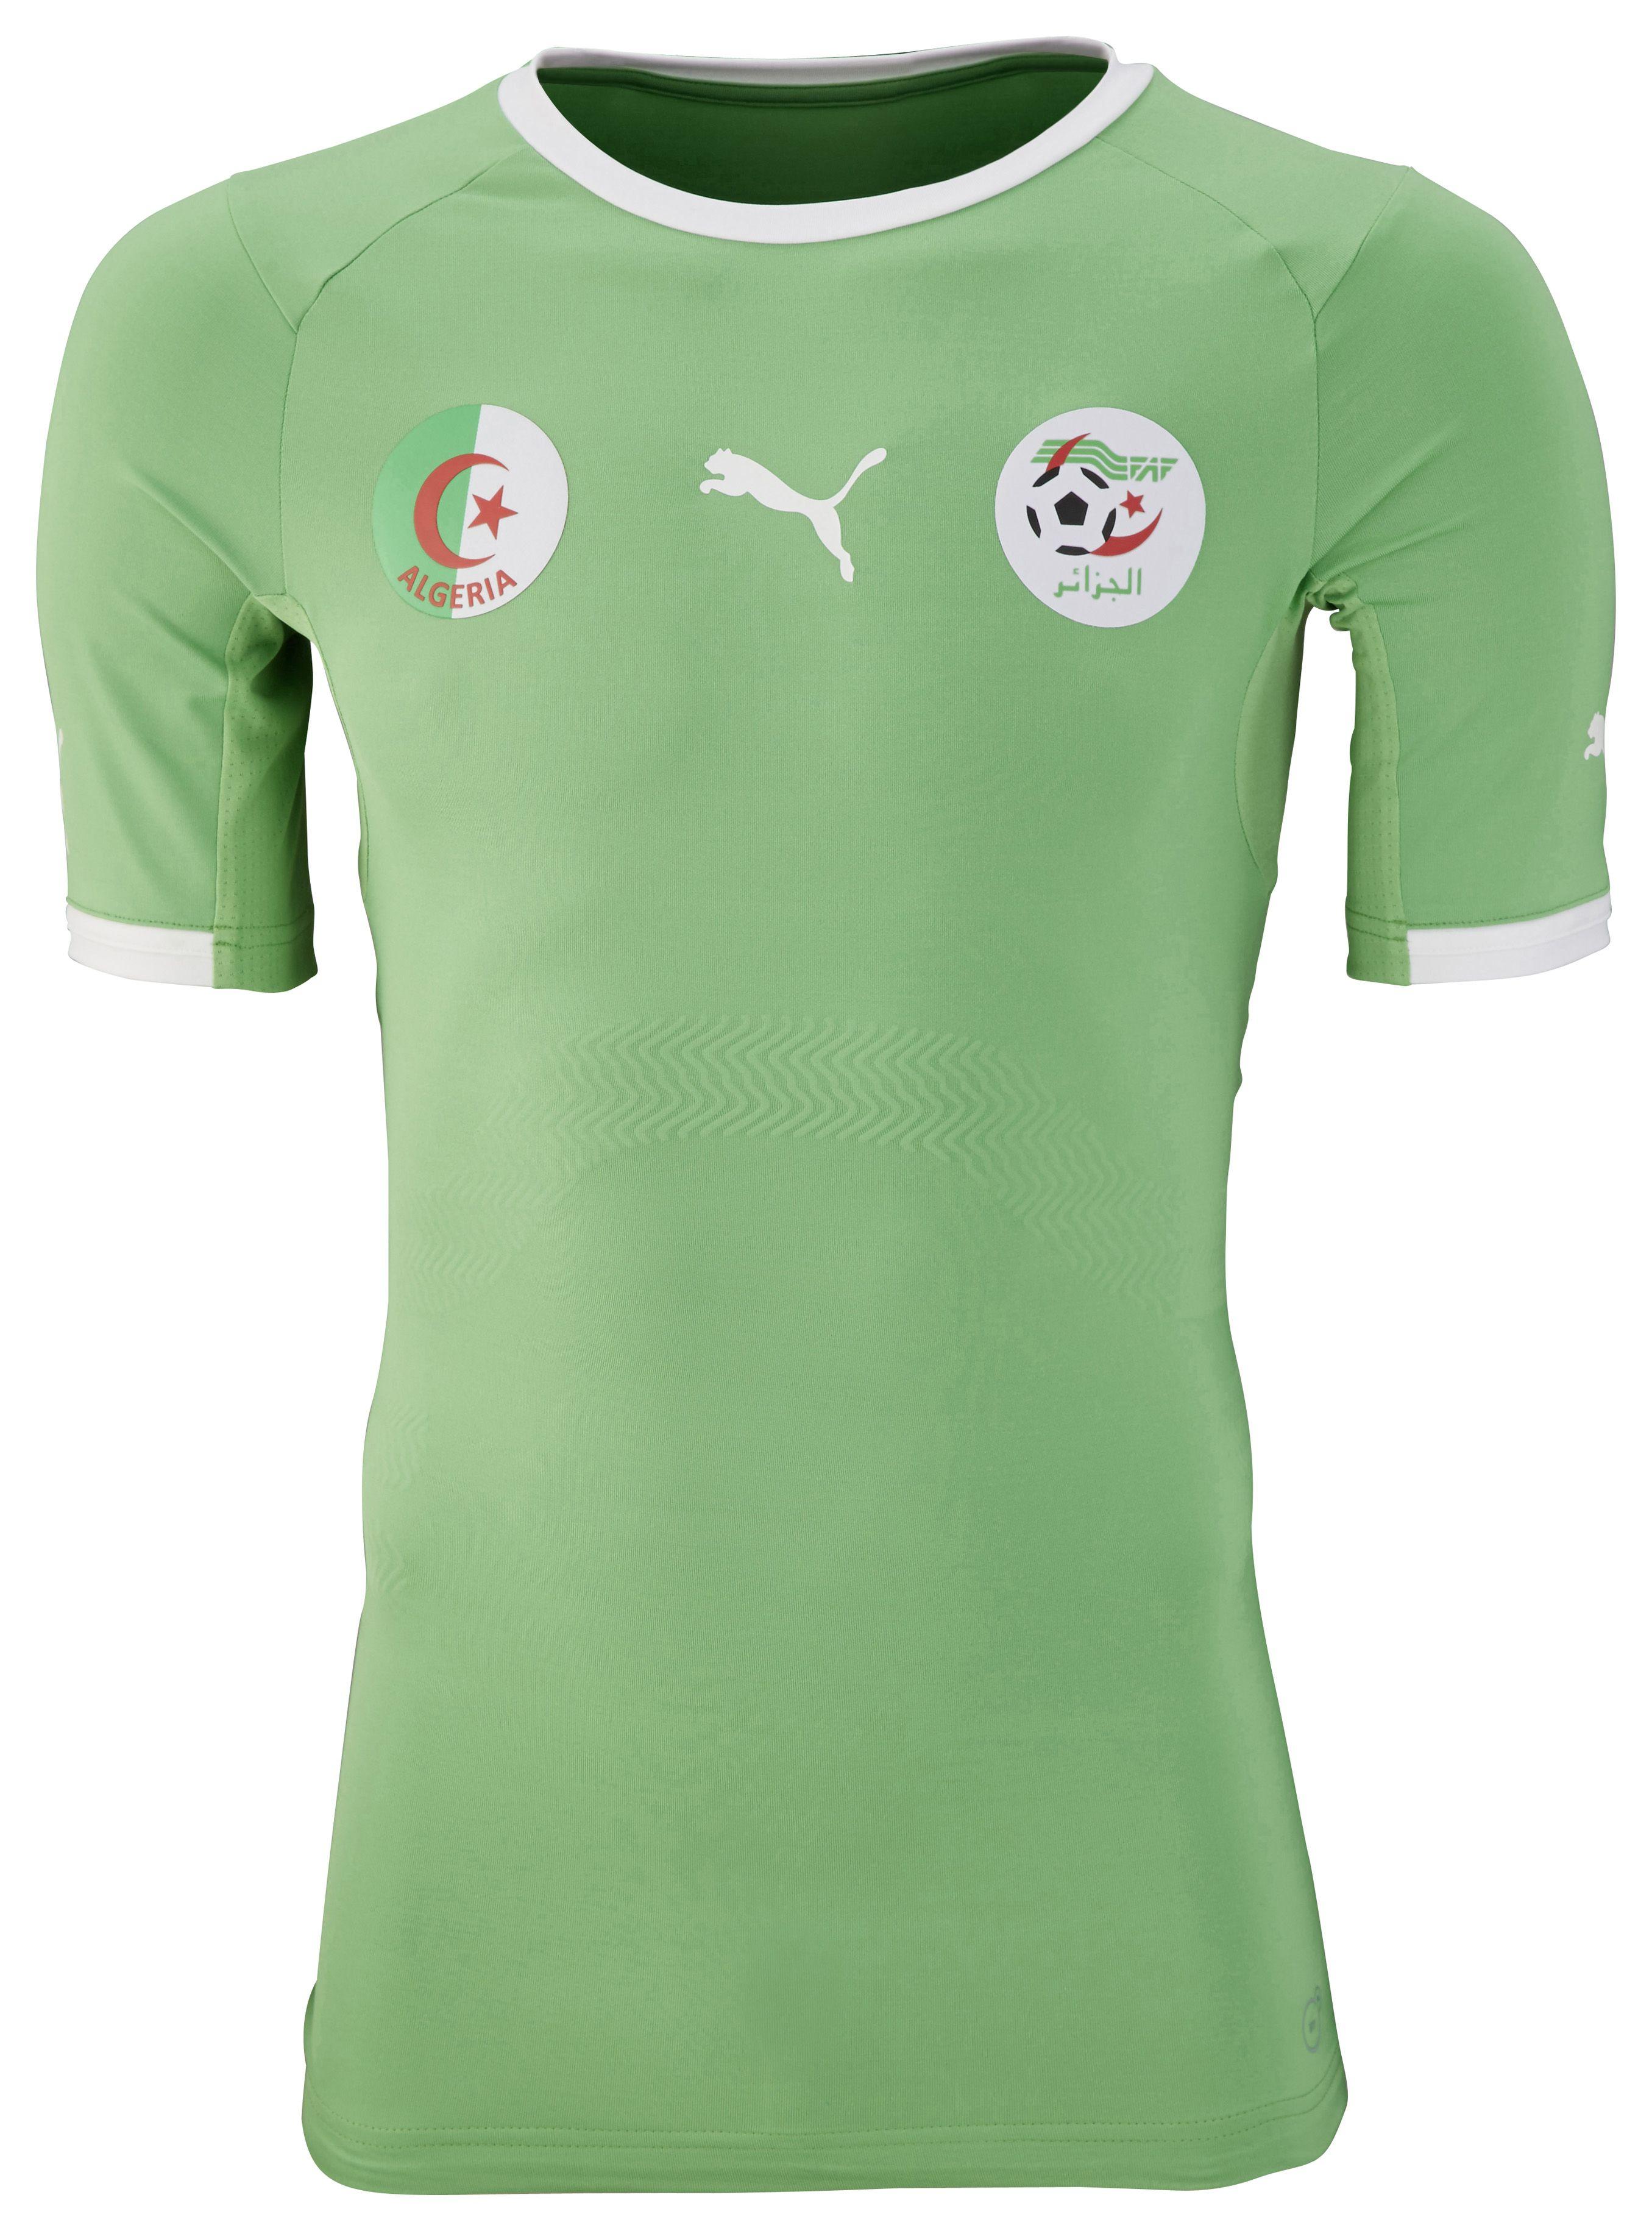 Algeria Away Kit for World Cup 2014  worldcup  brazil2014  algeria  soccer   football  ALG 060826024